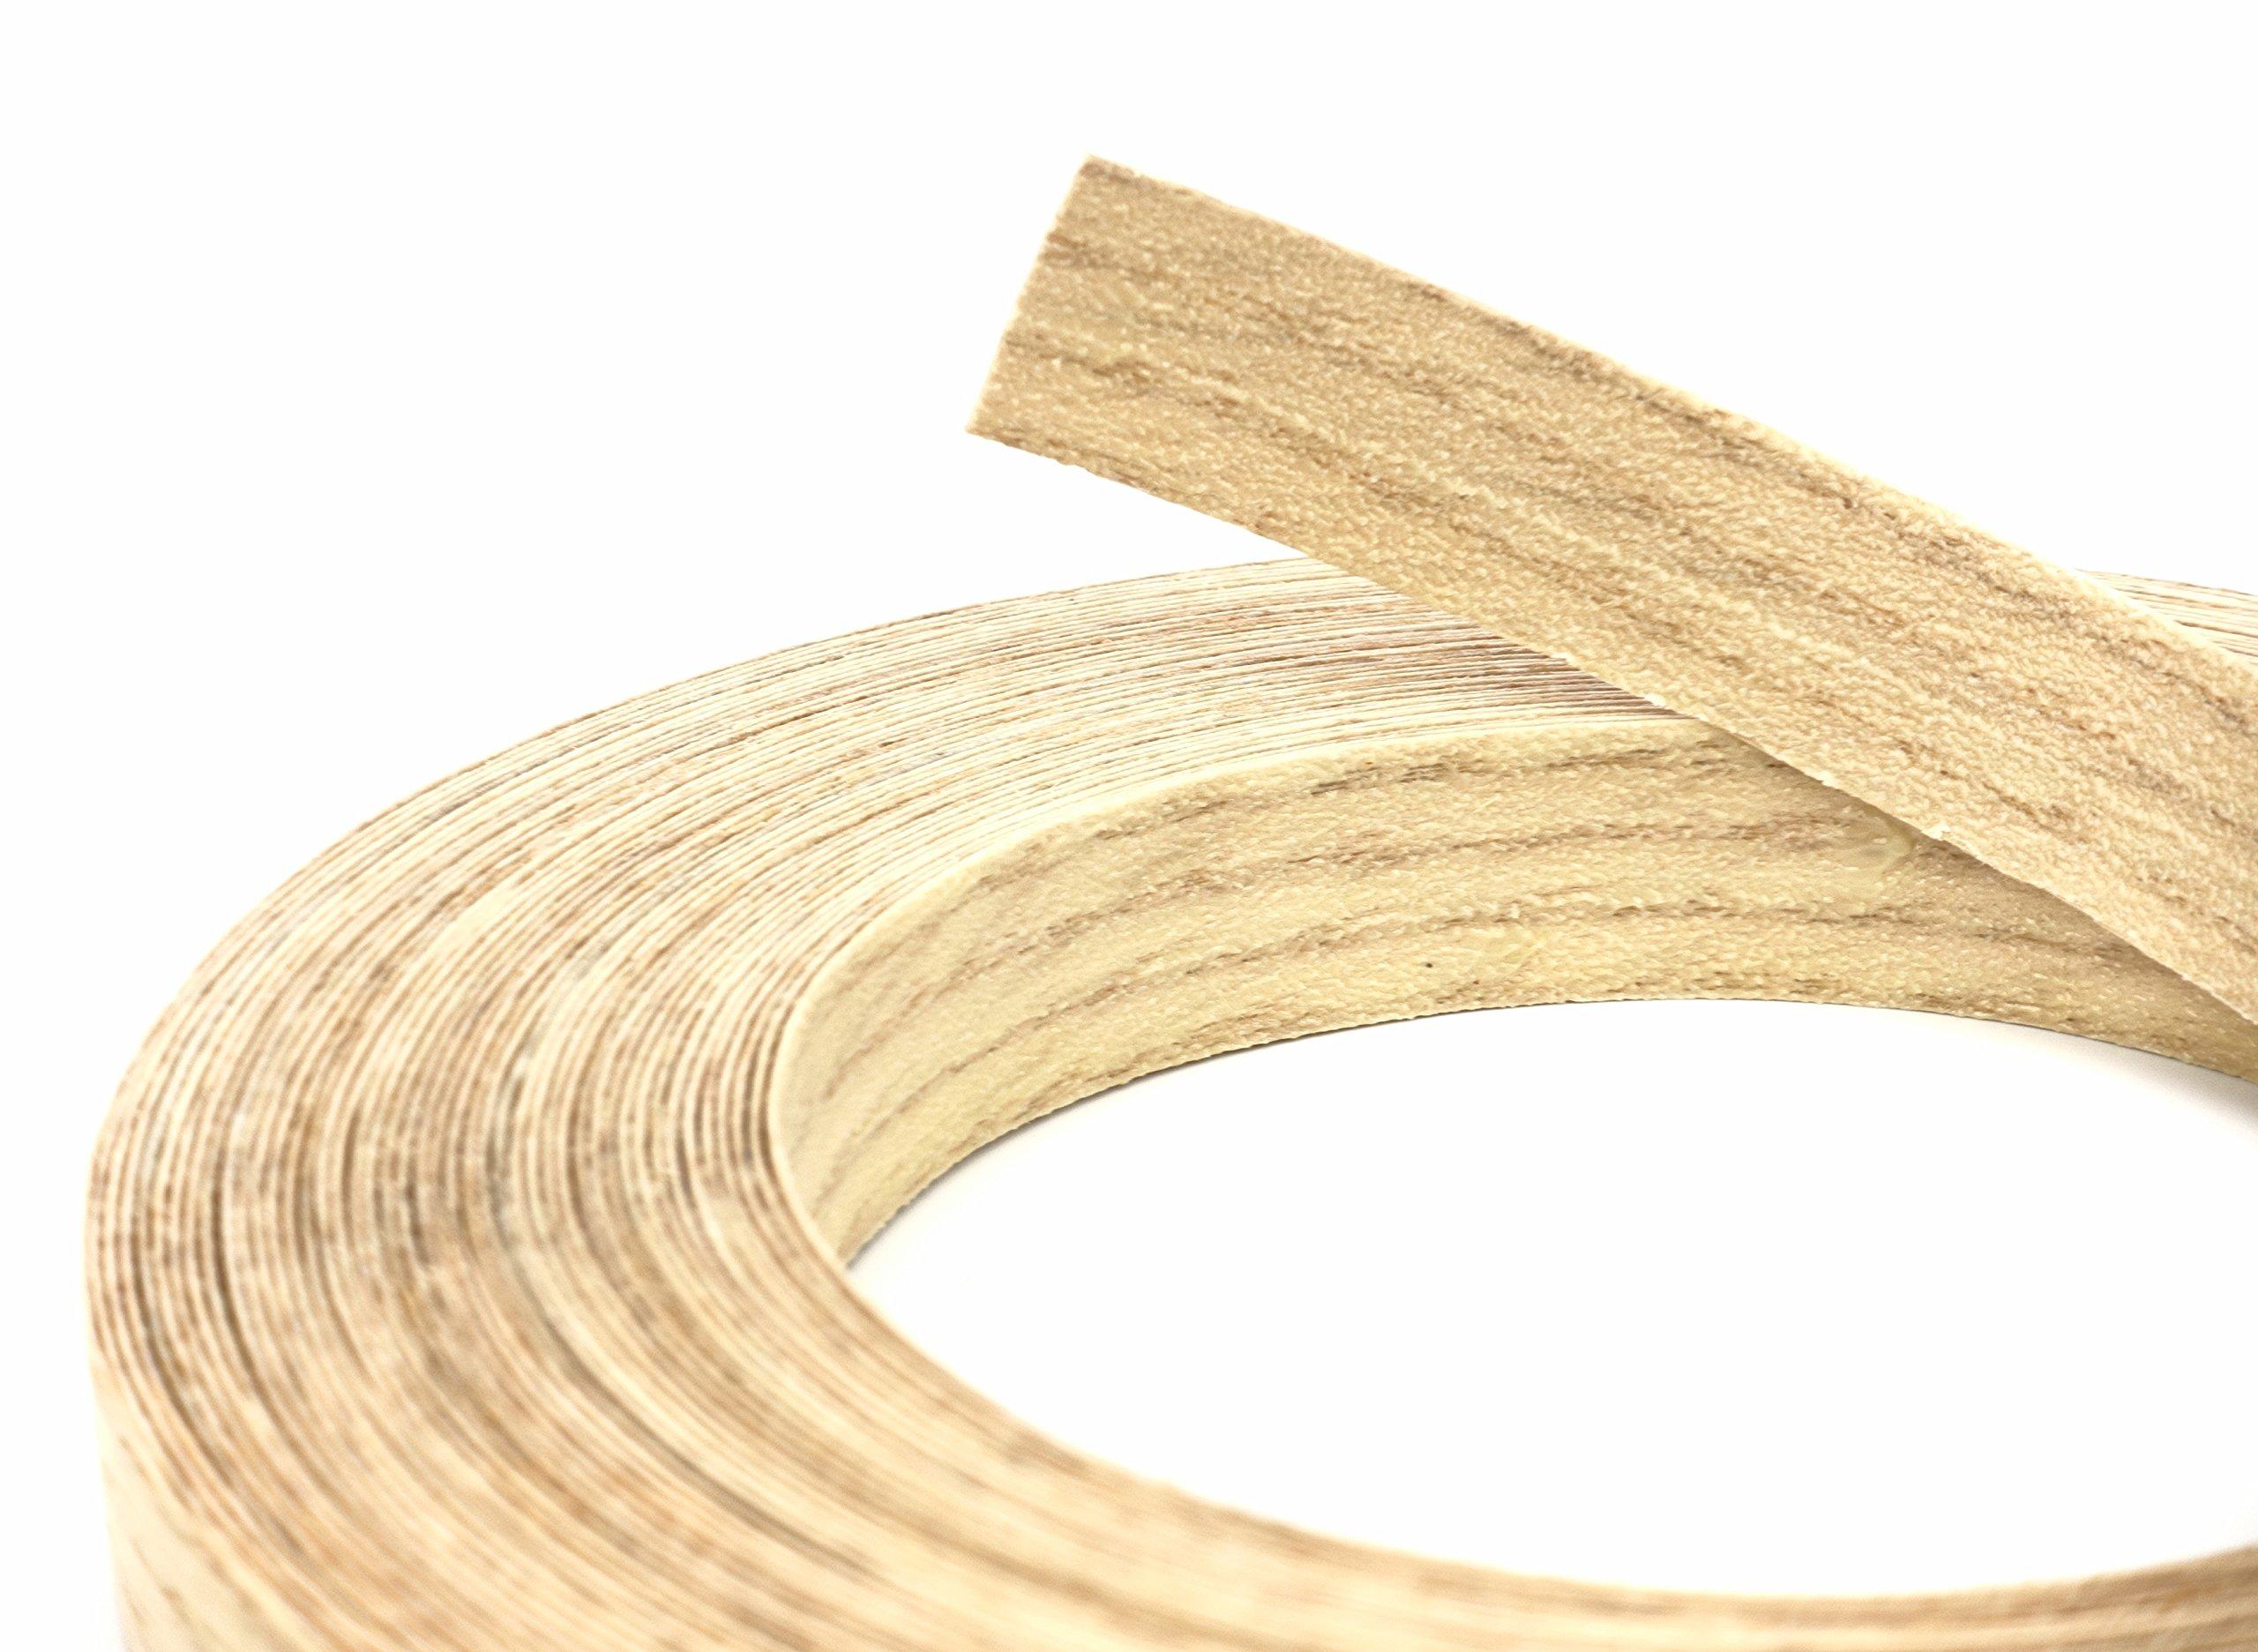 Red Oak Wood Veneer Edge Banding Preglued 7/8'' X 250' Roll